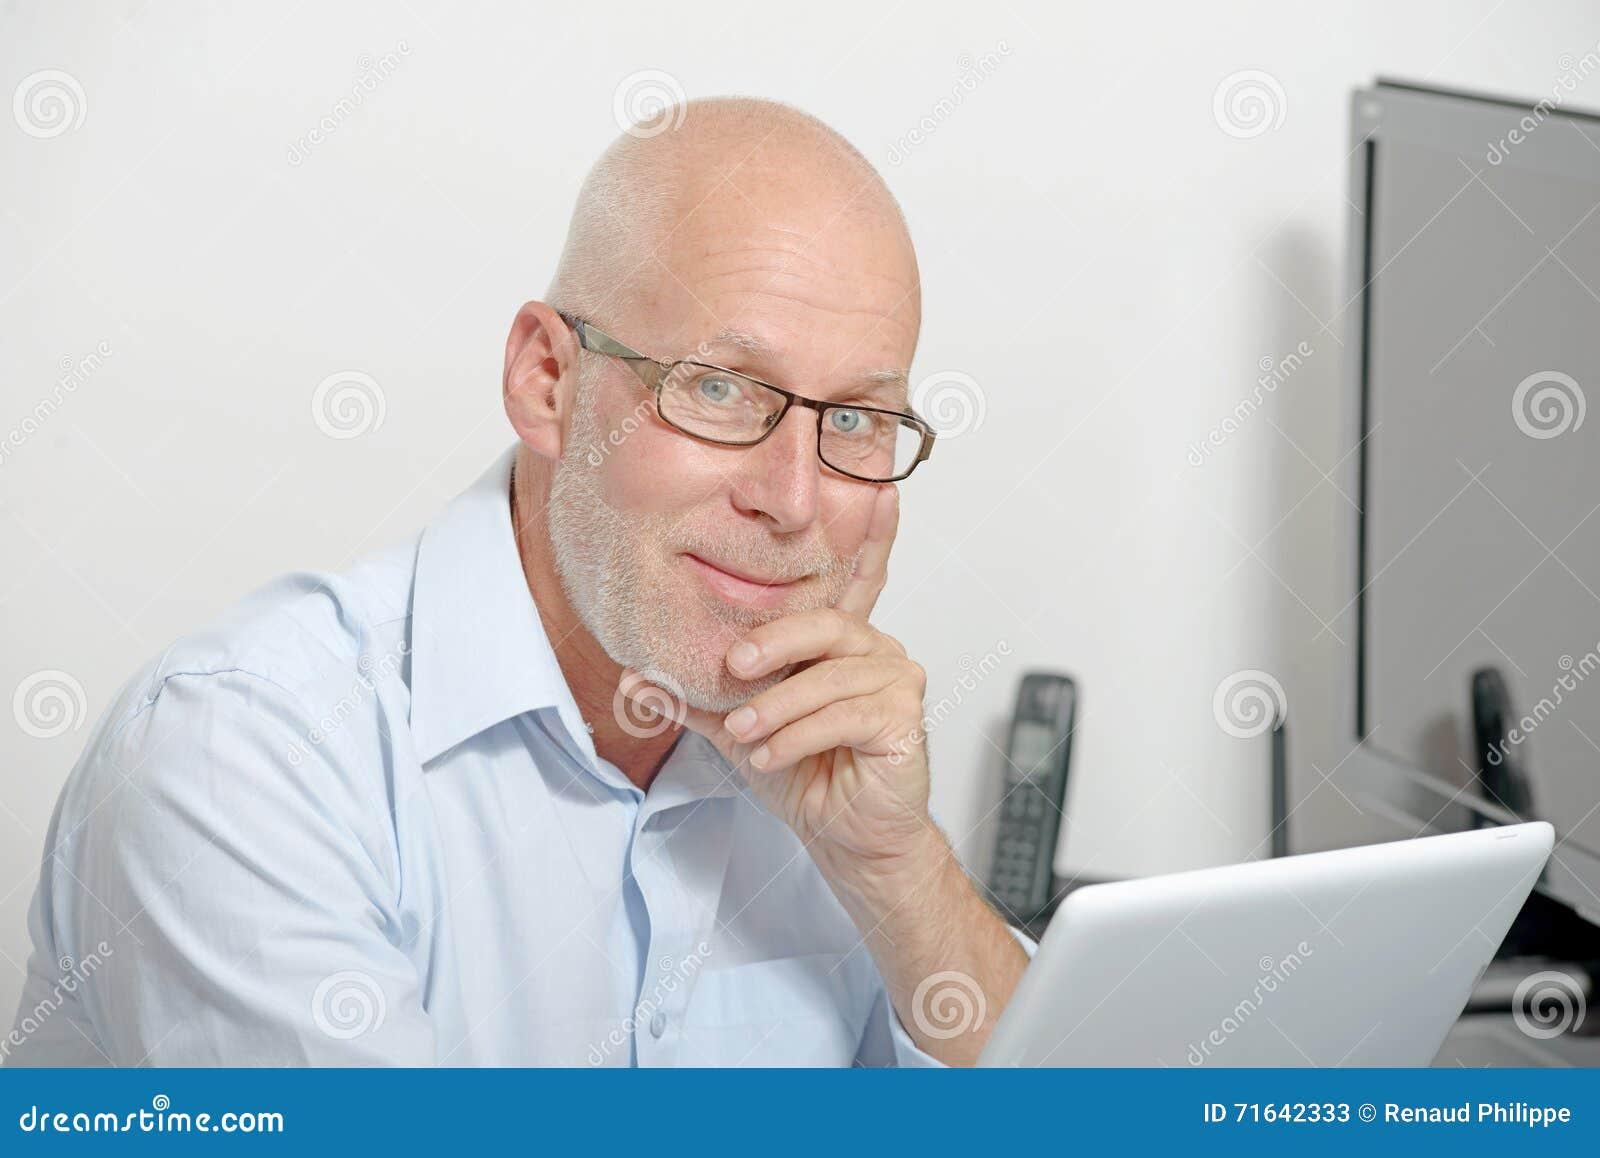 Retrato de un hombre de mediana edad con una tableta digital